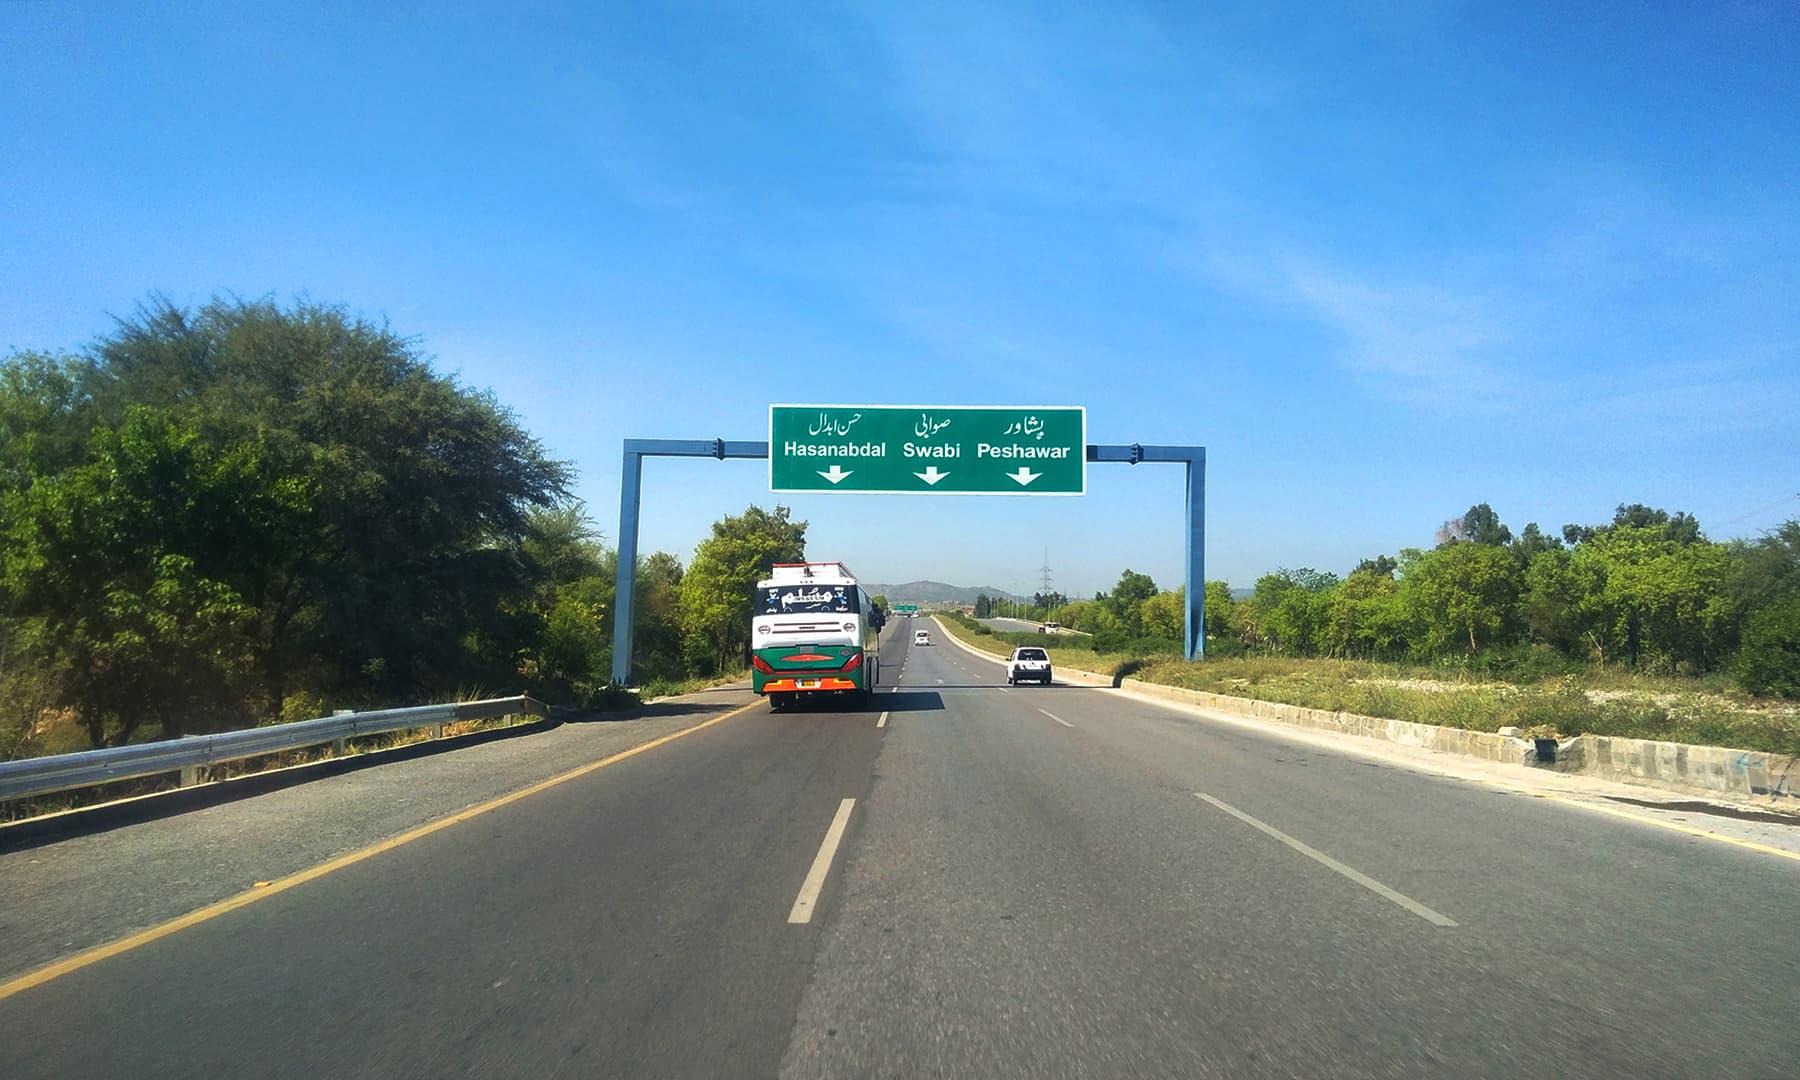 شبقدر سے اسلام آباد براستہ موٹروے تقریبا 2 گھنٹے 45 منٹ میں  مقررہ جگہ پر پہنچا—عظمت اکبر